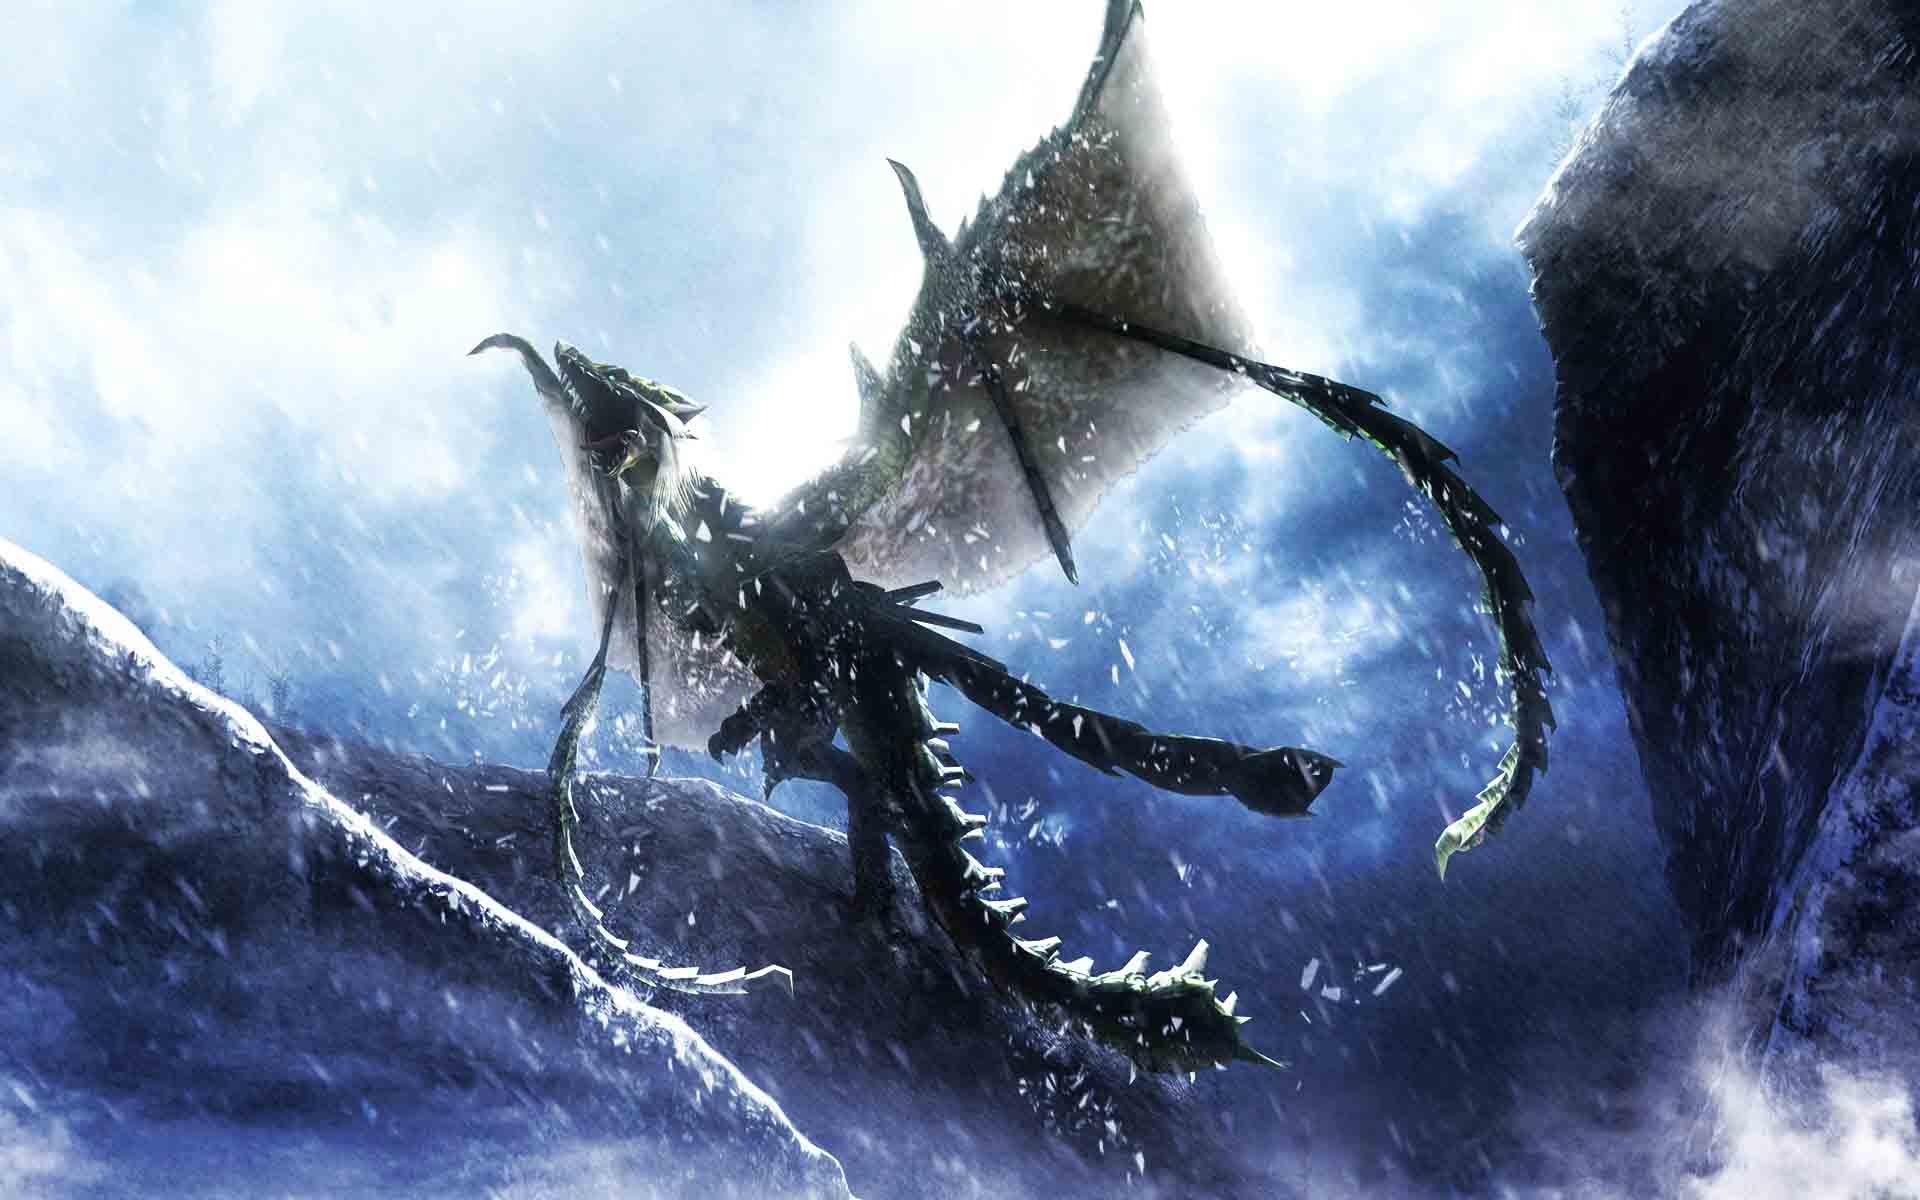 monster hunter wallpaper 1366x768